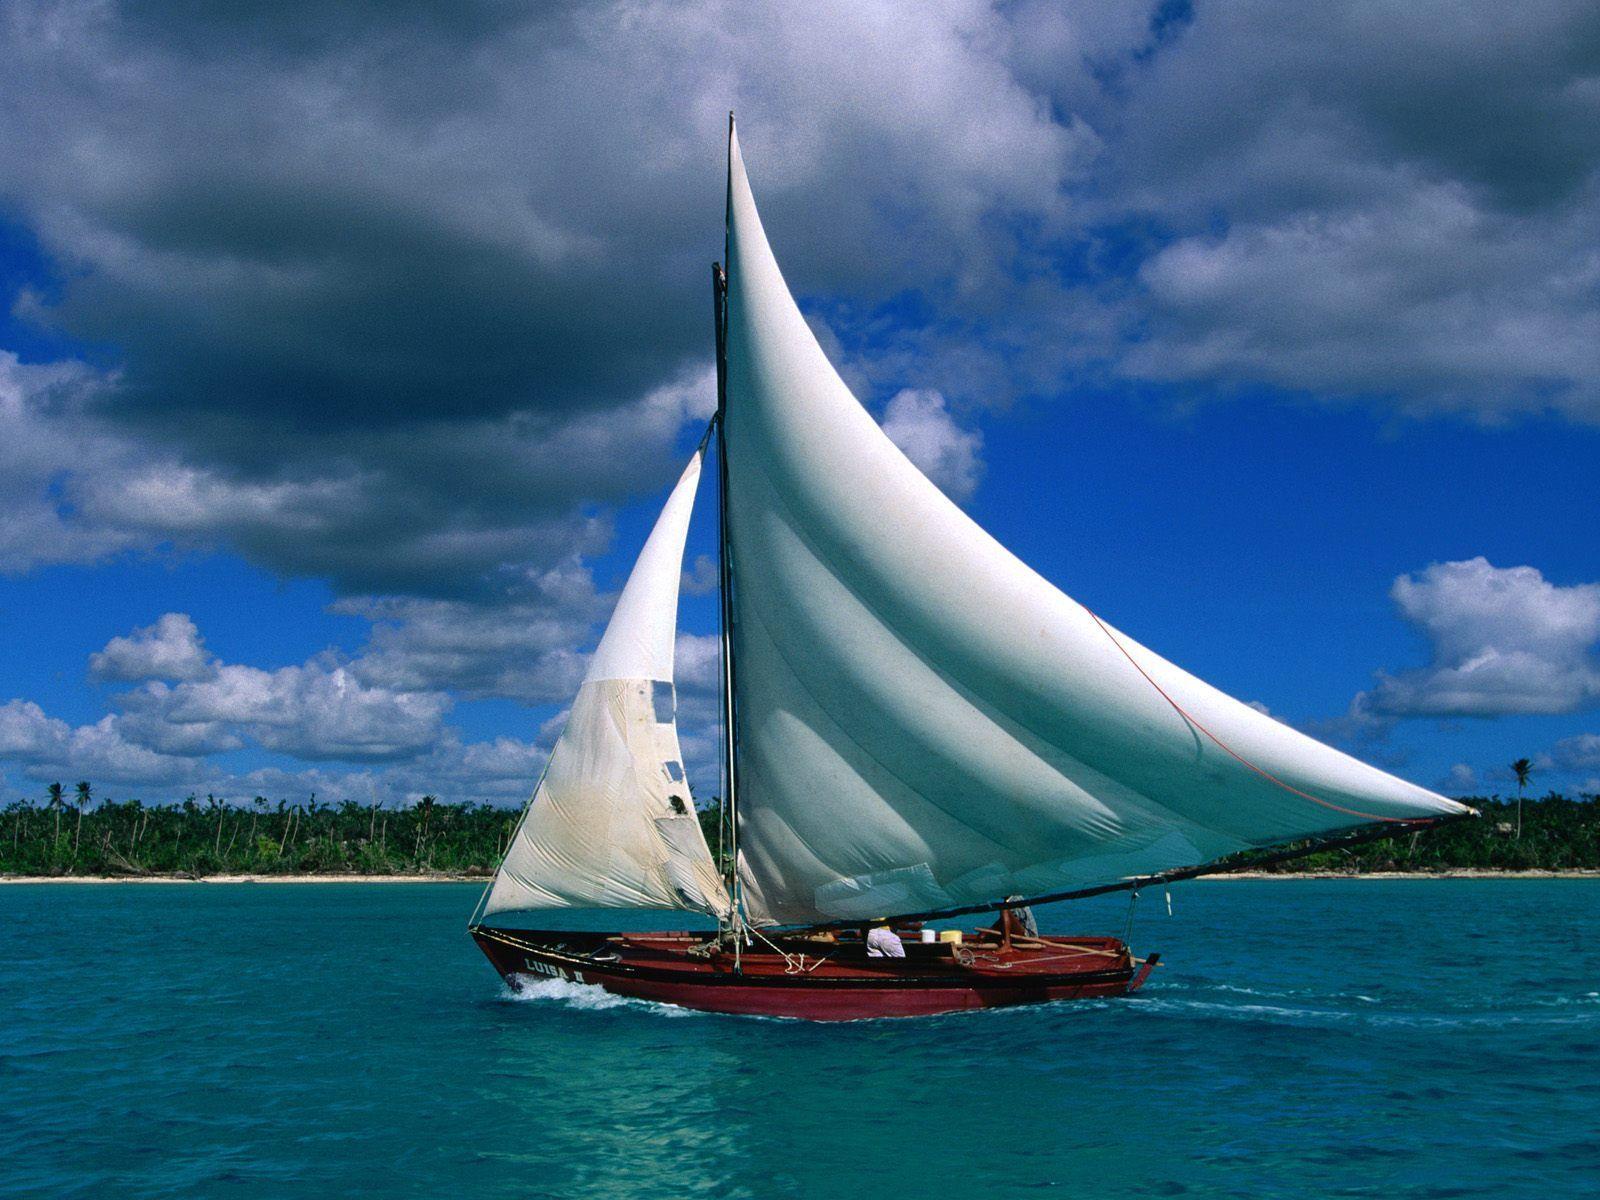 kapal layar,layar sailing